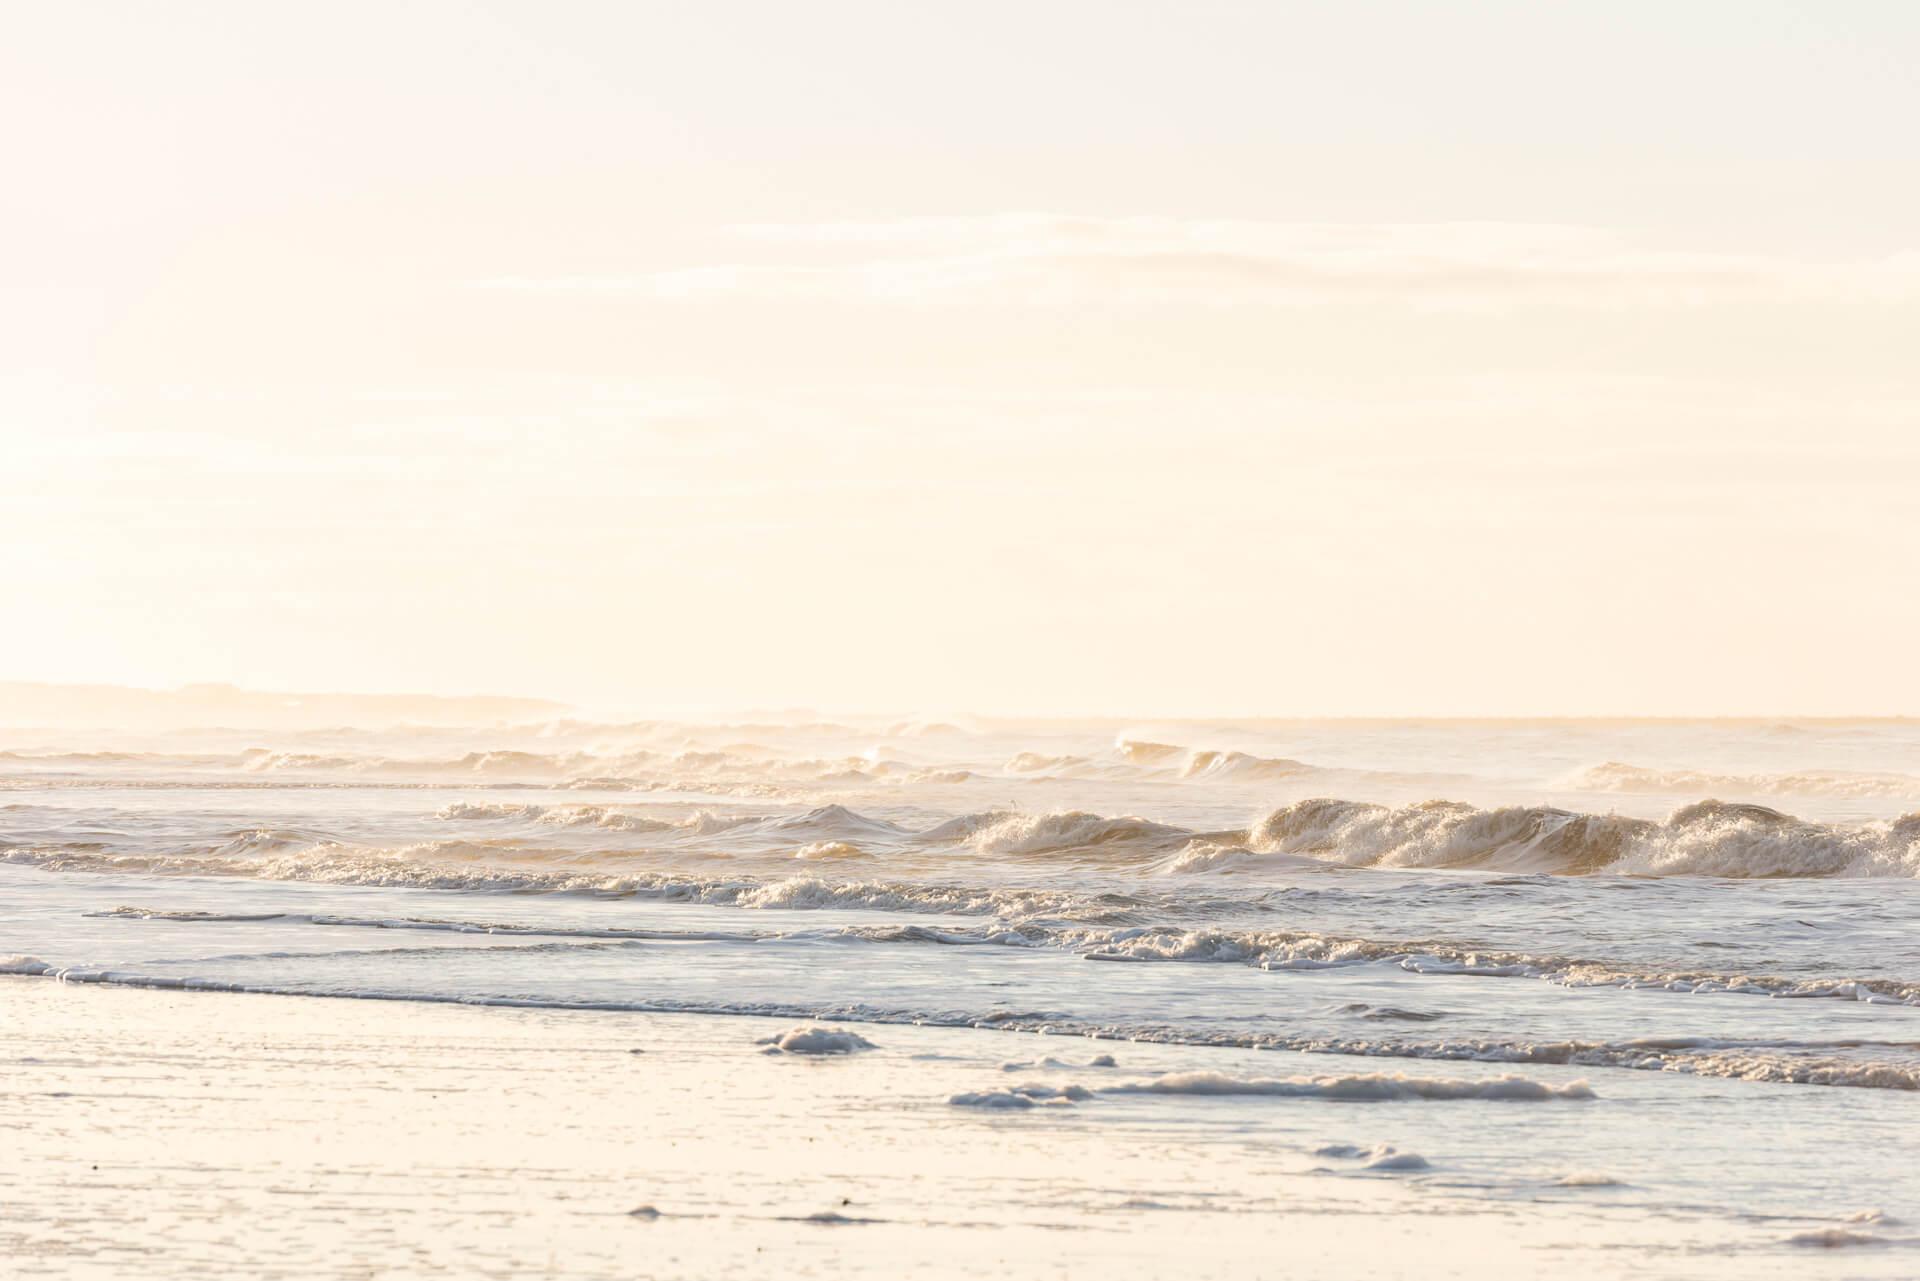 Foto von der Fotostory Redeleit und Junker zeigt Wellen am Strand